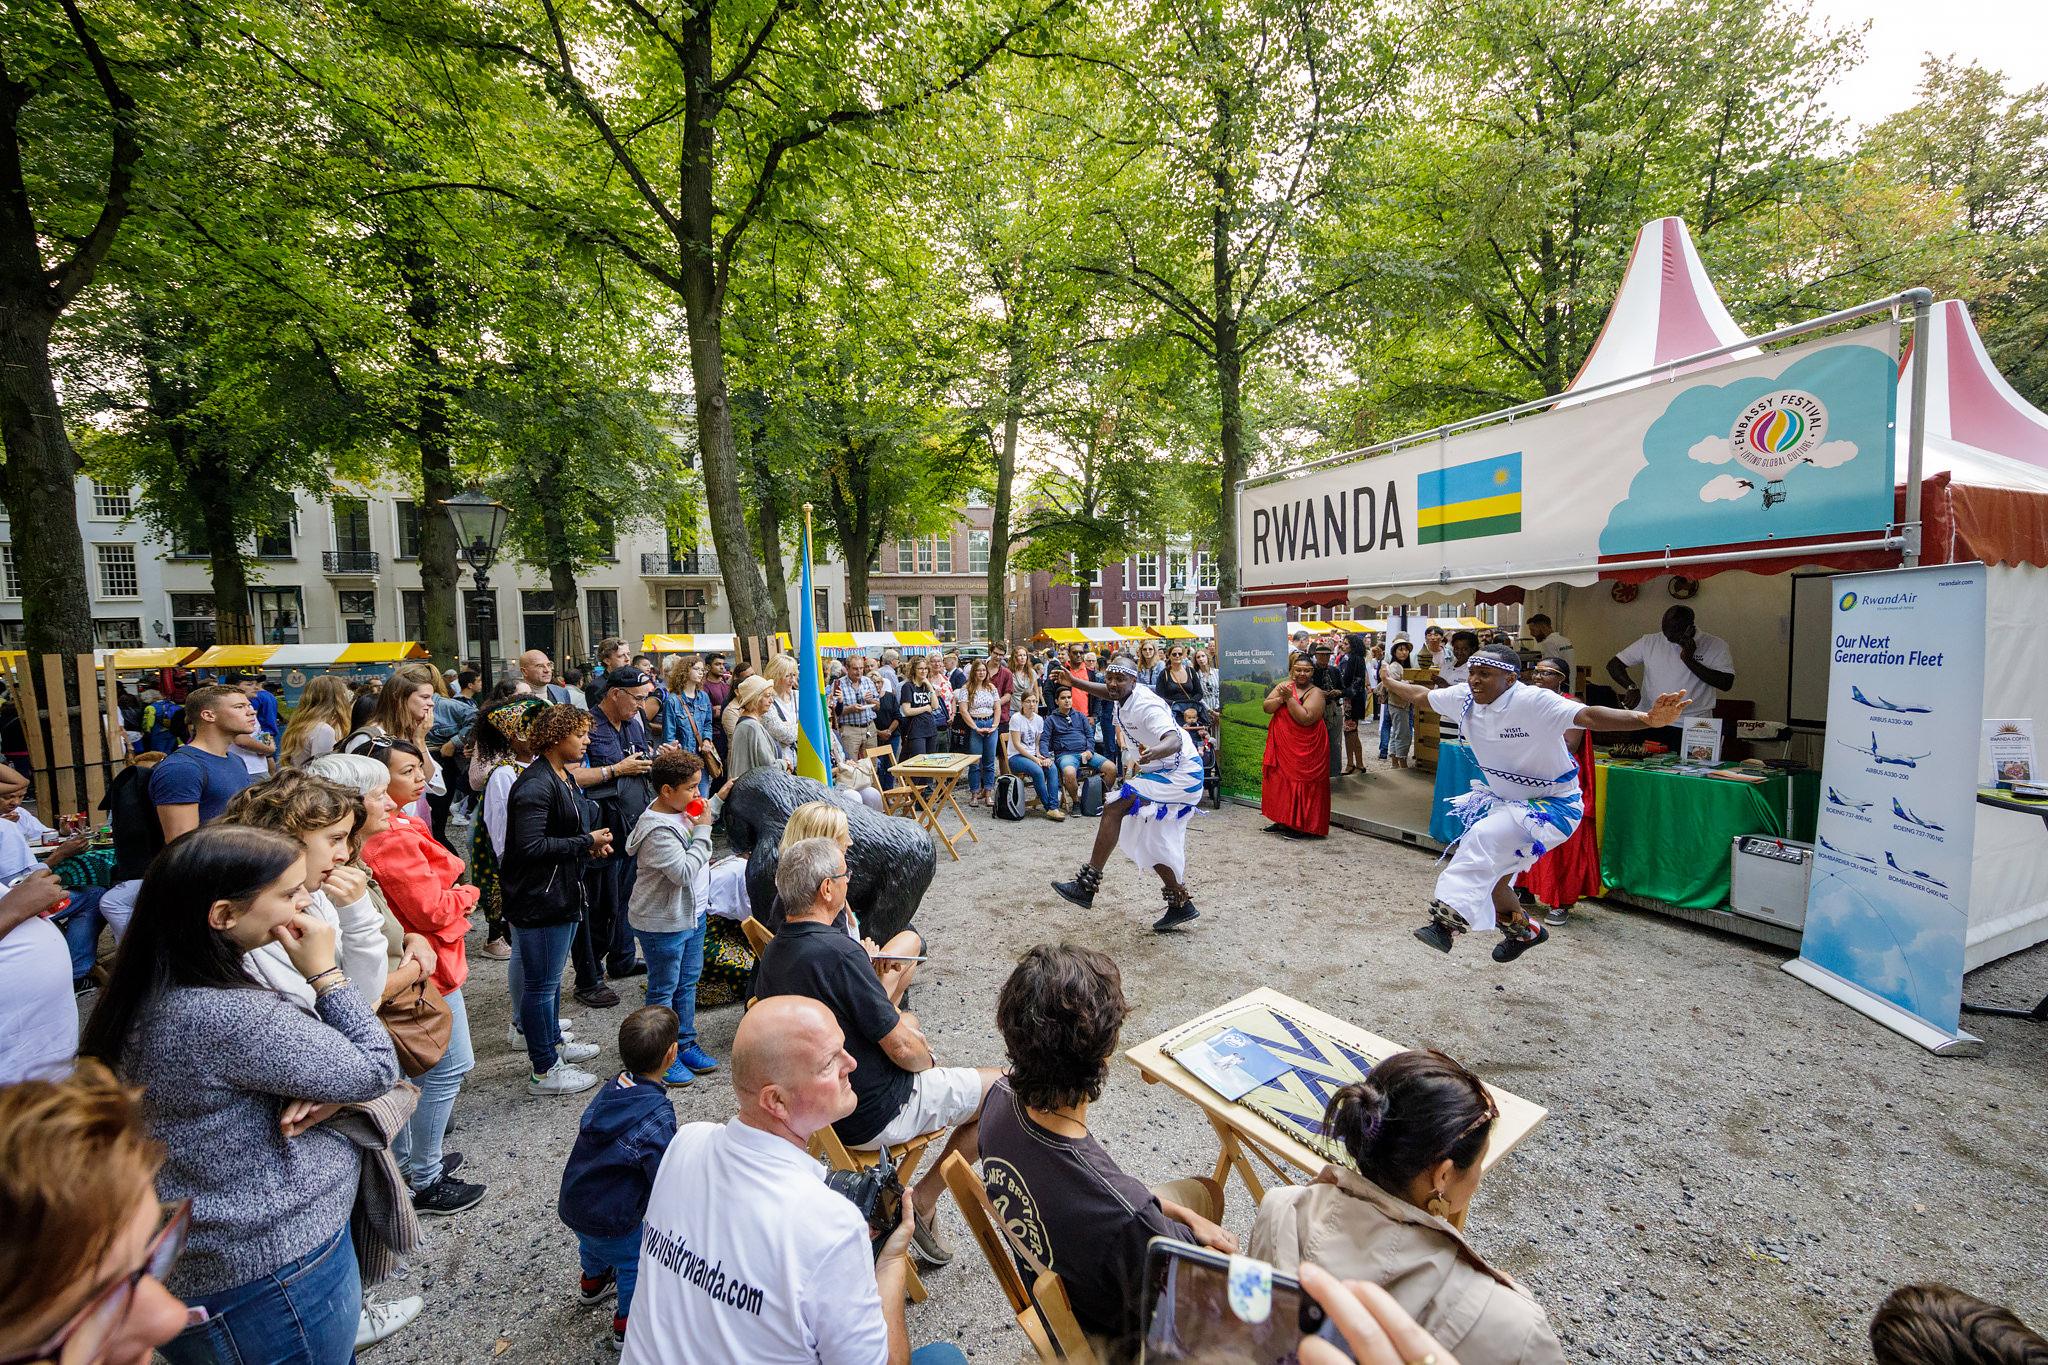 Wouter-Vellekoop-180901-123456-Embassy-www.WouterVellekoop.nl-3122-untitled